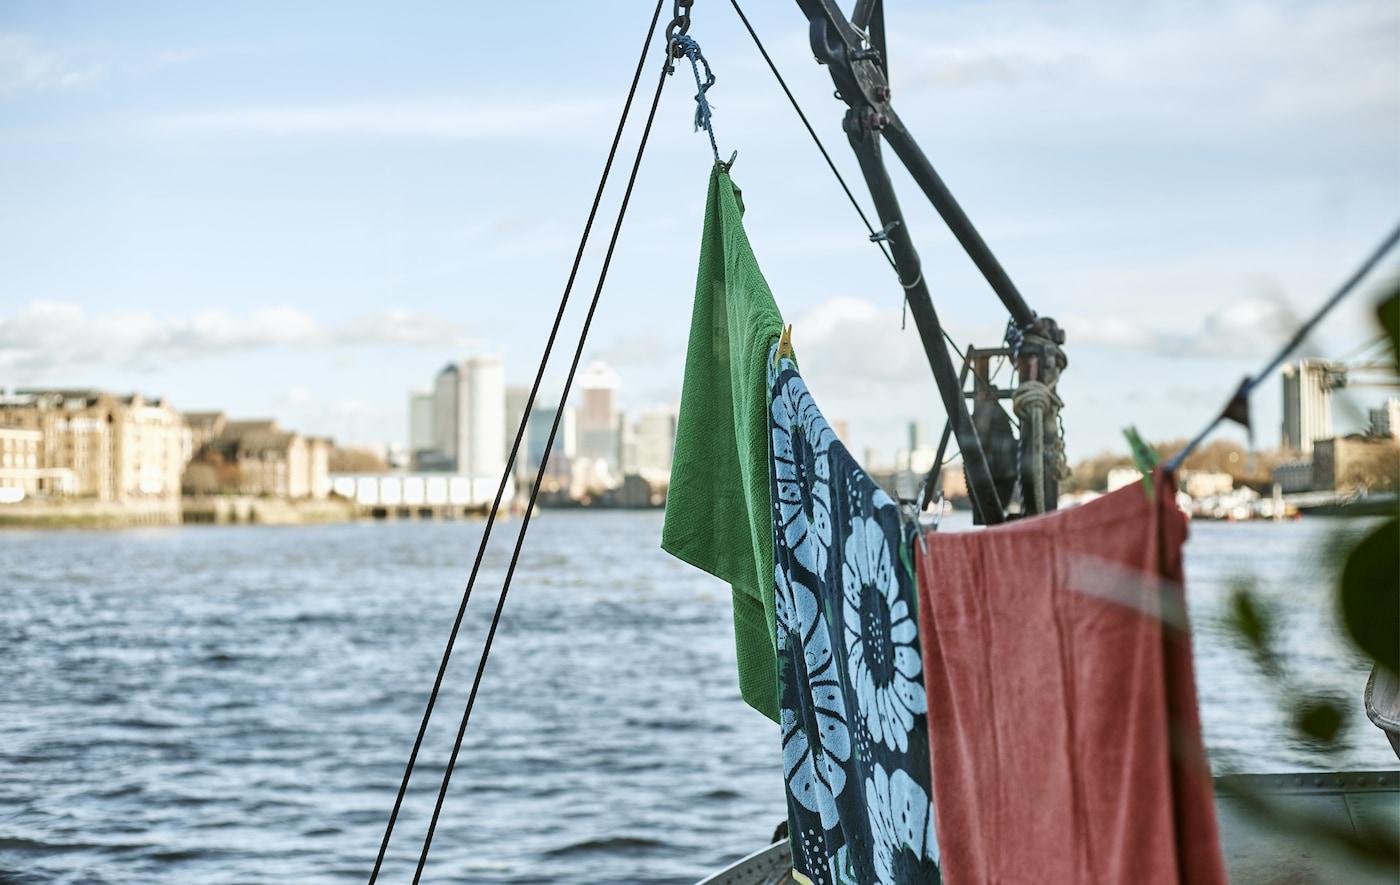 河上停泊着一艘船,船内的一条绳上挂着毛巾。